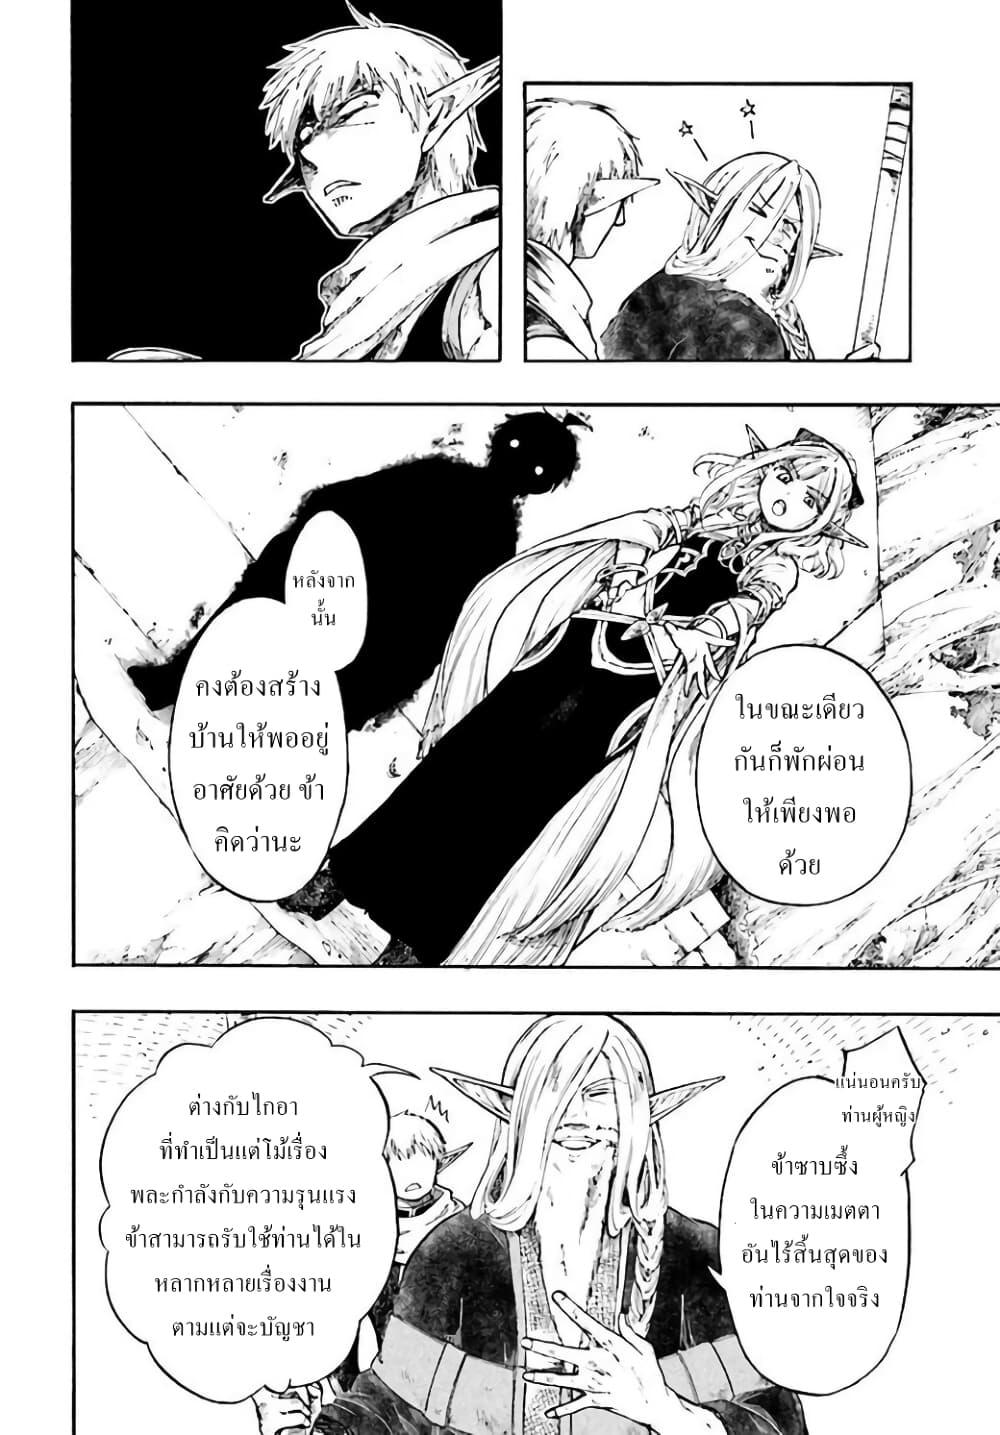 อ่านการ์ตูน Isekai Apocalypse MYNOGHRA ~The Conquest of the World Starts With the Civilization of Ruin~ ตอนที่ 4 หน้าที่ 16